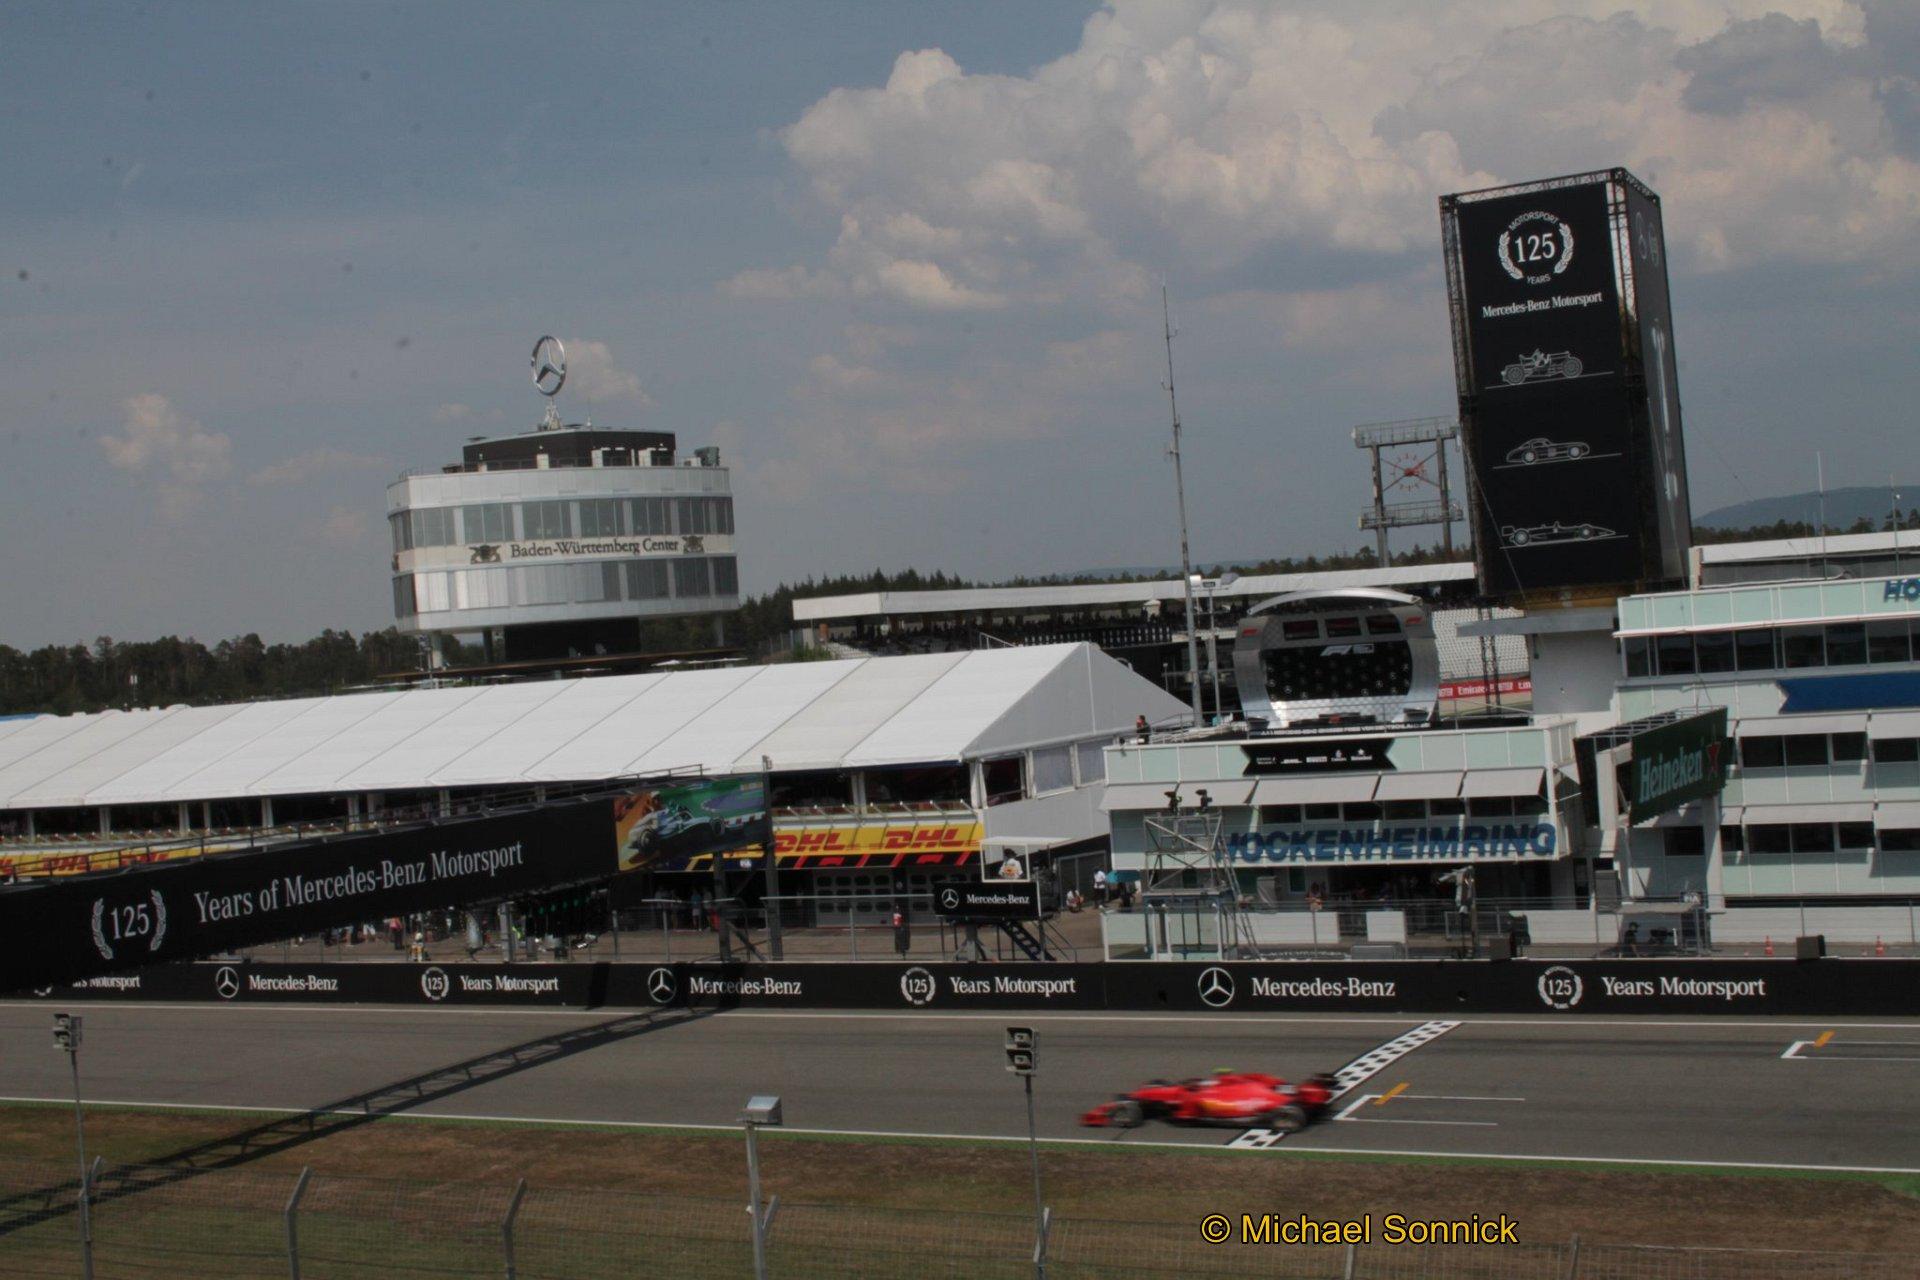 Der Hockenheimring kann sich Hoffnungen auf 50-jähriges Formel 1-Jubiläum machen